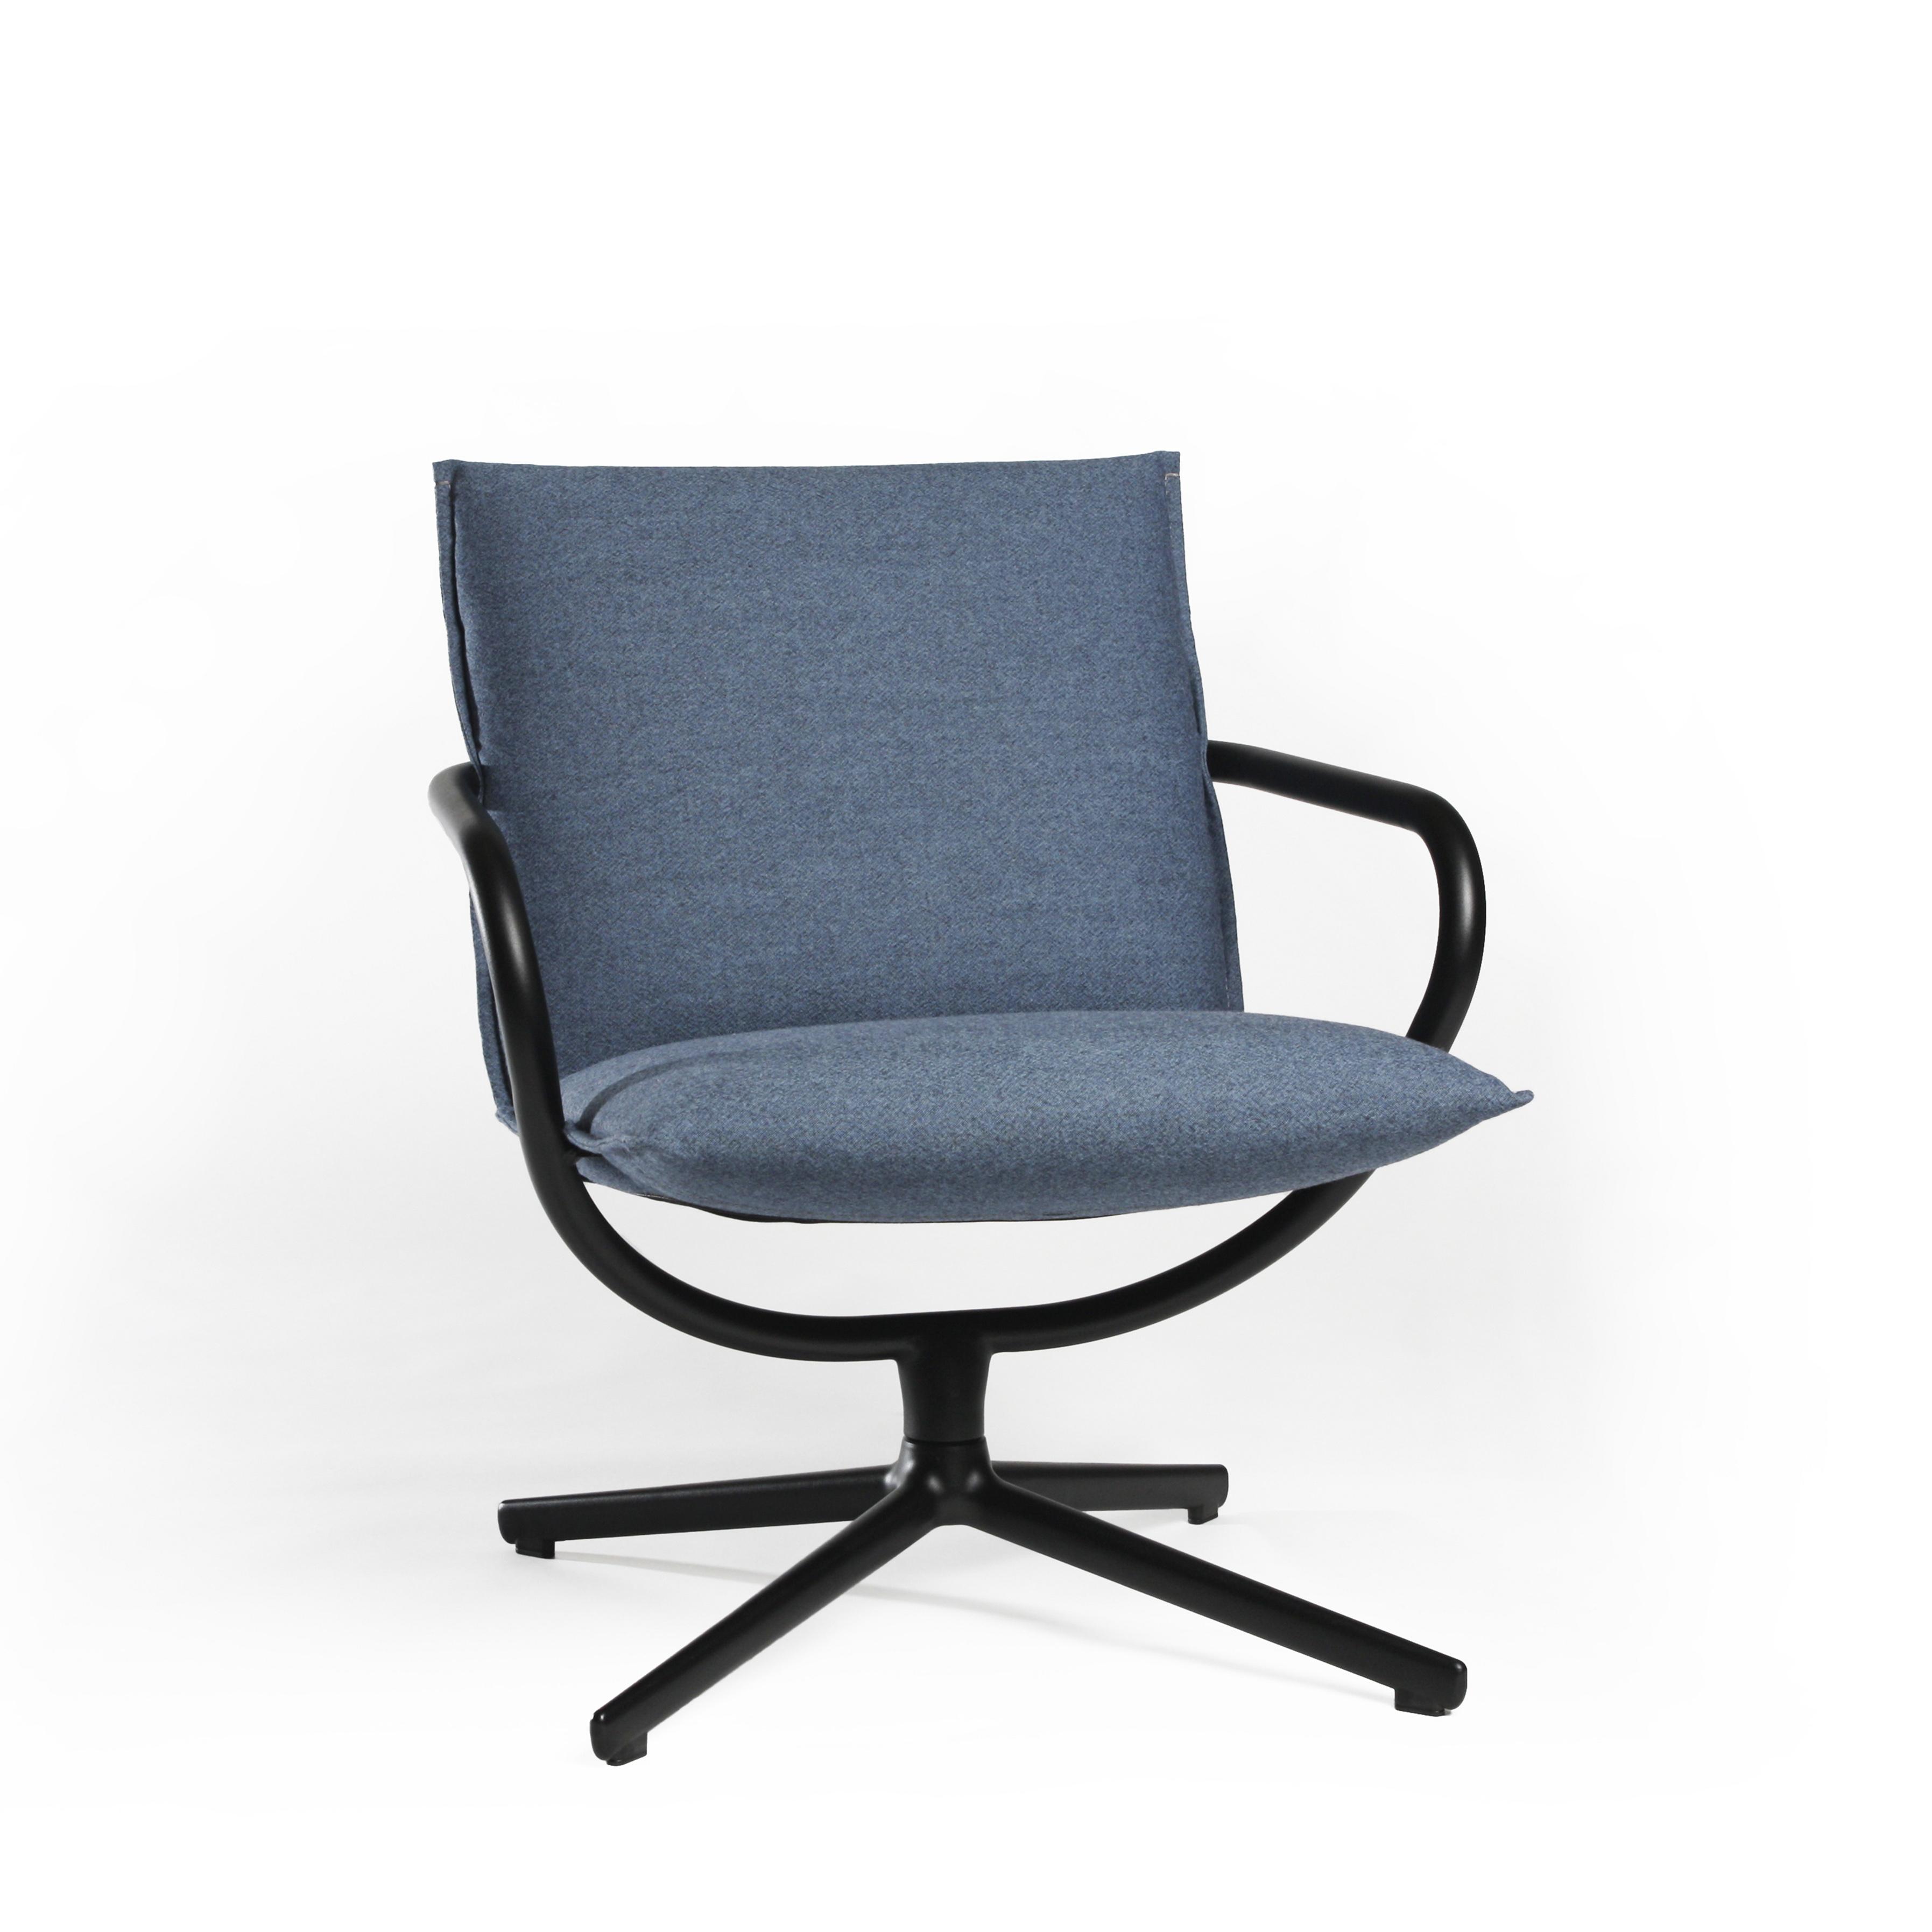 Camp stol med lav rygg i blå tekstil Fora Form